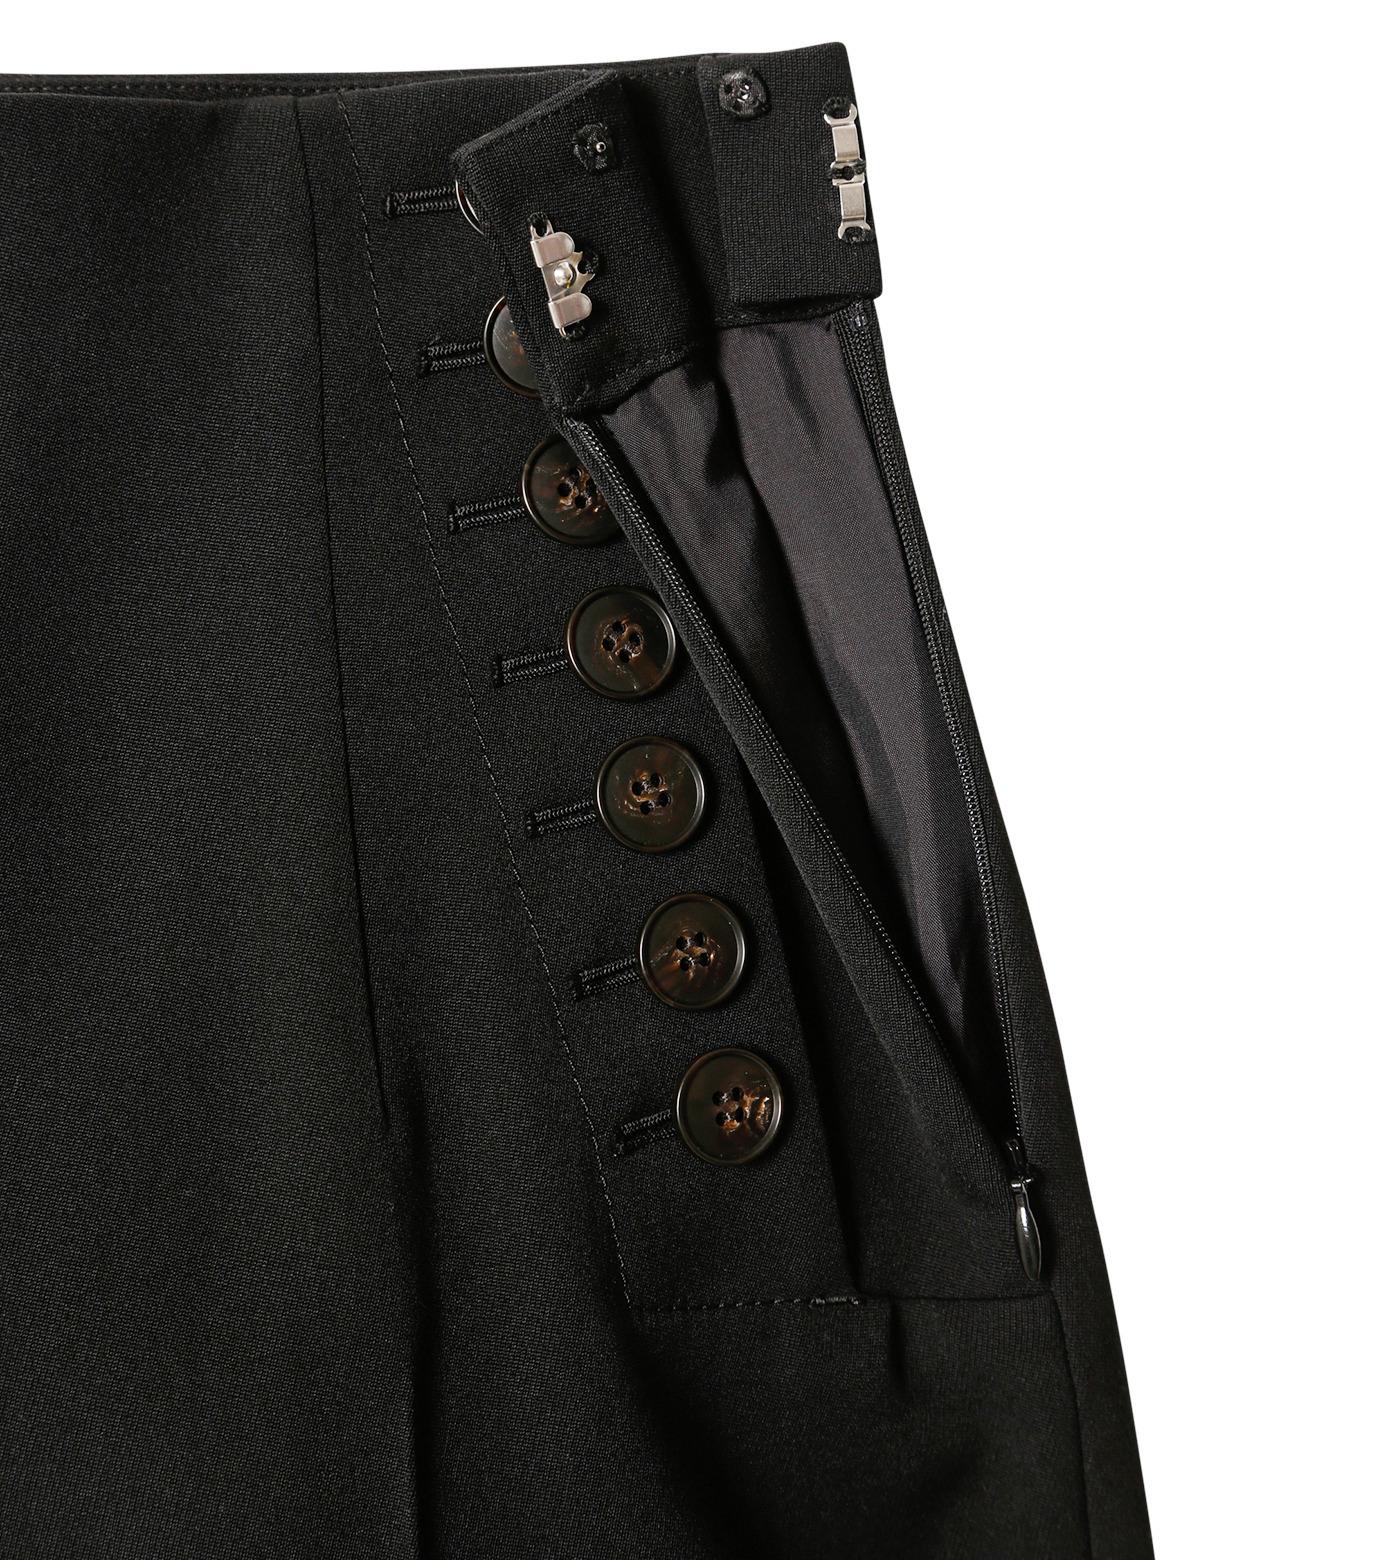 LE CIEL BLEU(ルシェルブルー)のタキシードコルセットパンツ-BLACK(パンツ/pants)-18A68513 拡大詳細画像5